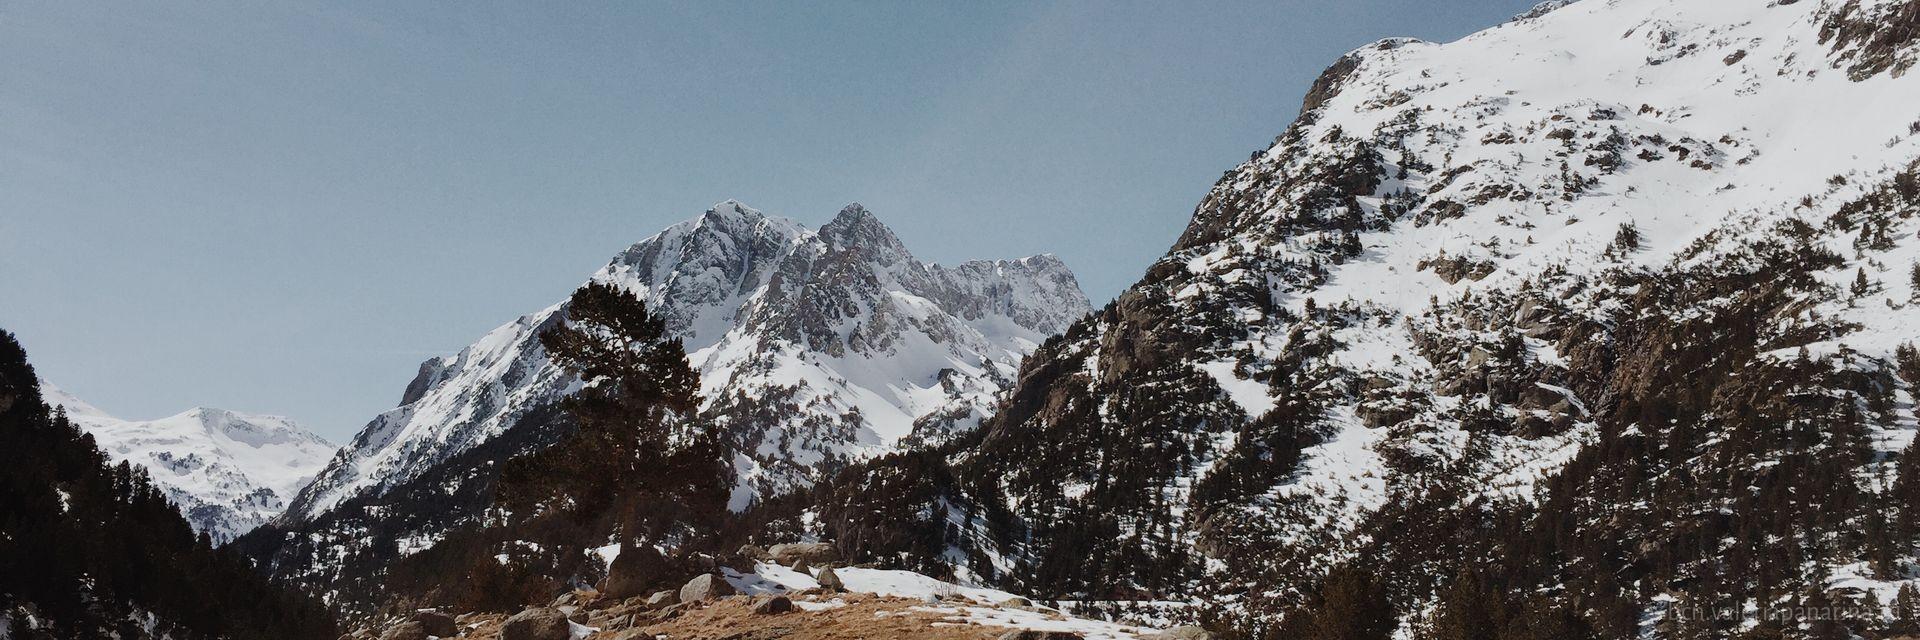 Сьерра-Невада: европейский горнолыжный курорт с видом на Африку